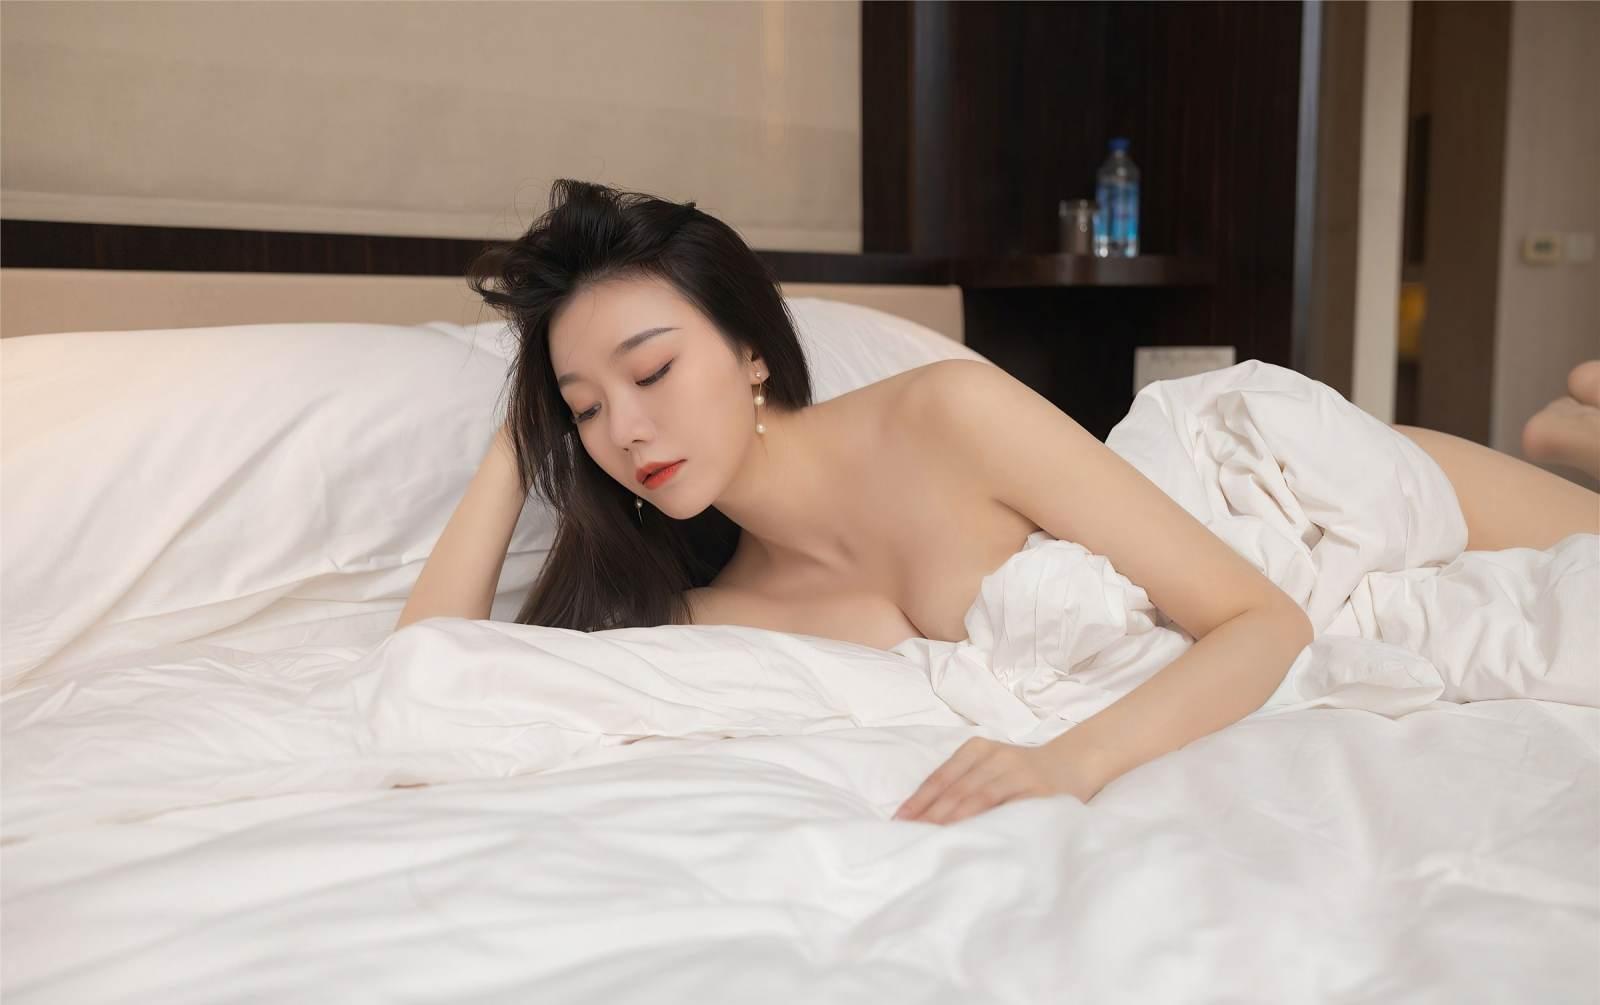 第362期美人卷珠帘,深坐颦蛾眉安然(肉丝,丝足,裸足,大长腿,连身短裙)_图片7